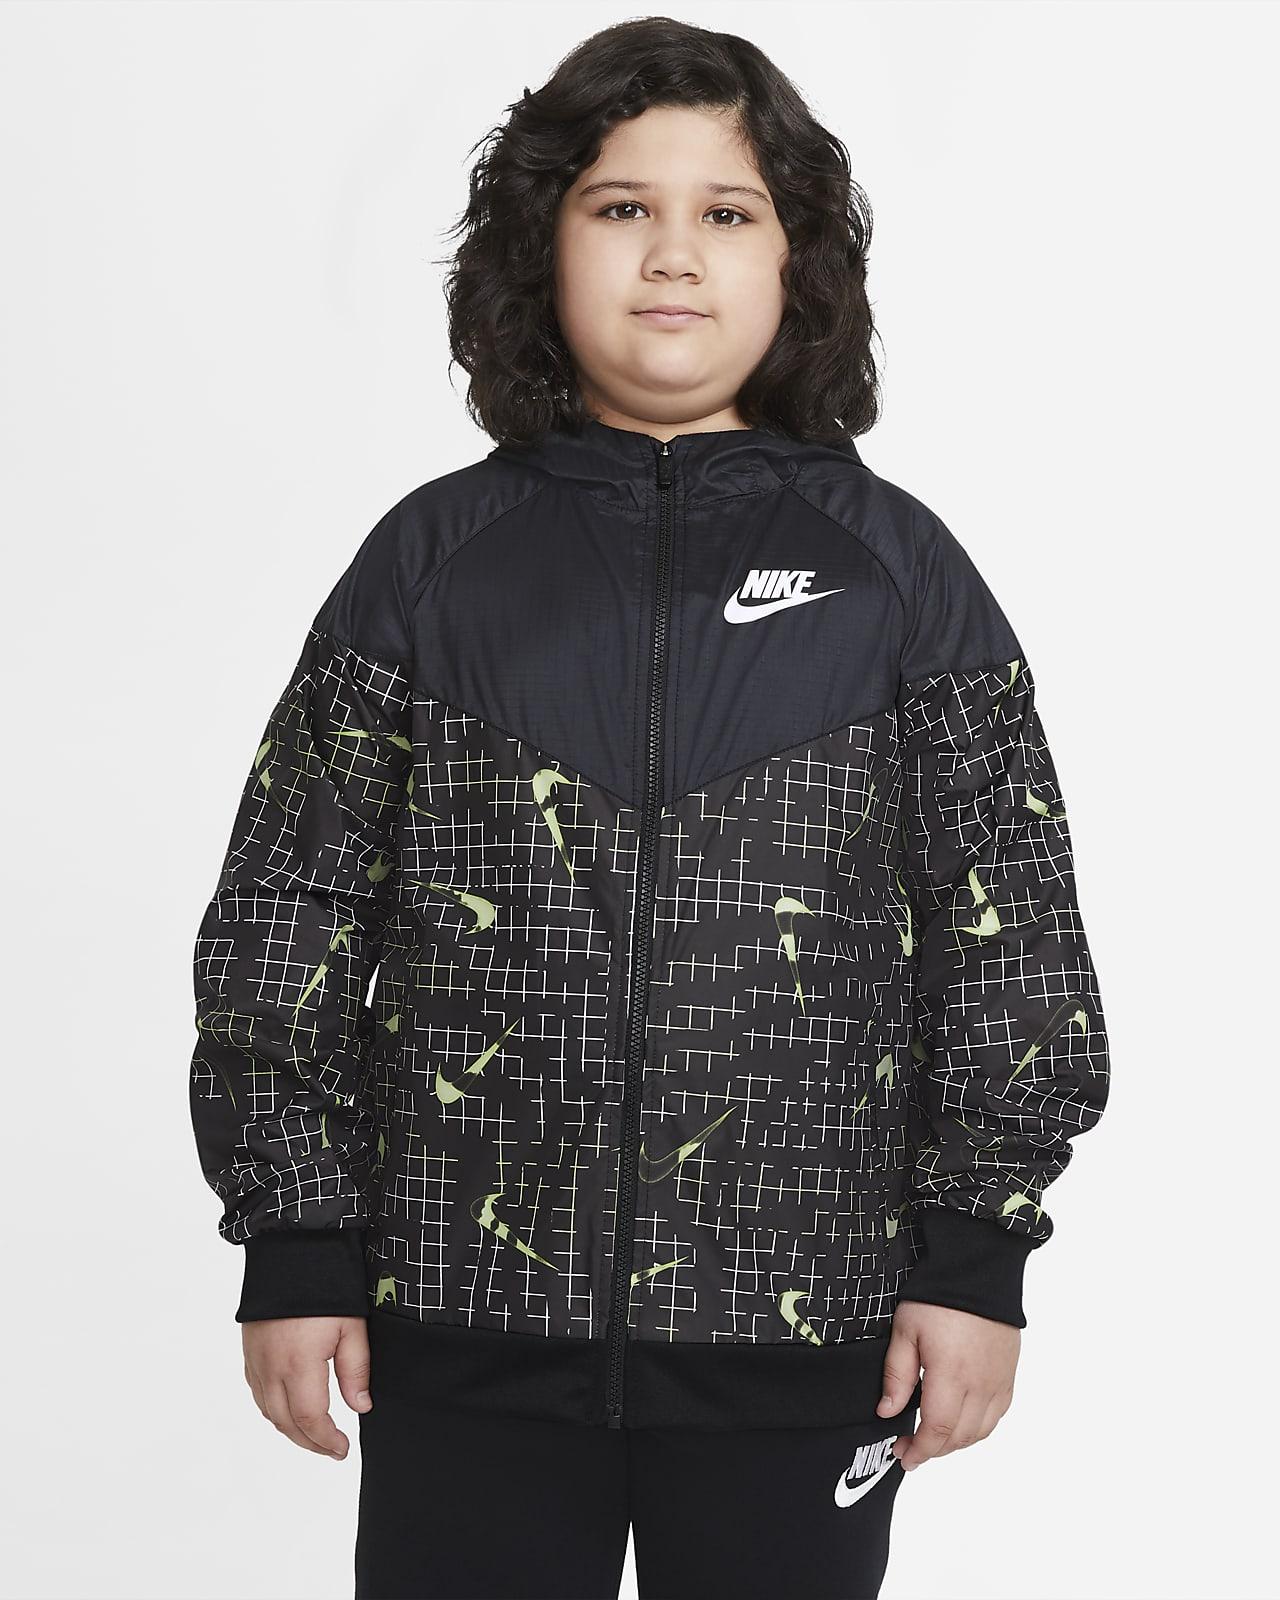 Nike Sportswear Windrunner Jacke für ältere Kinder (Jungen) (erweiterte Größe)